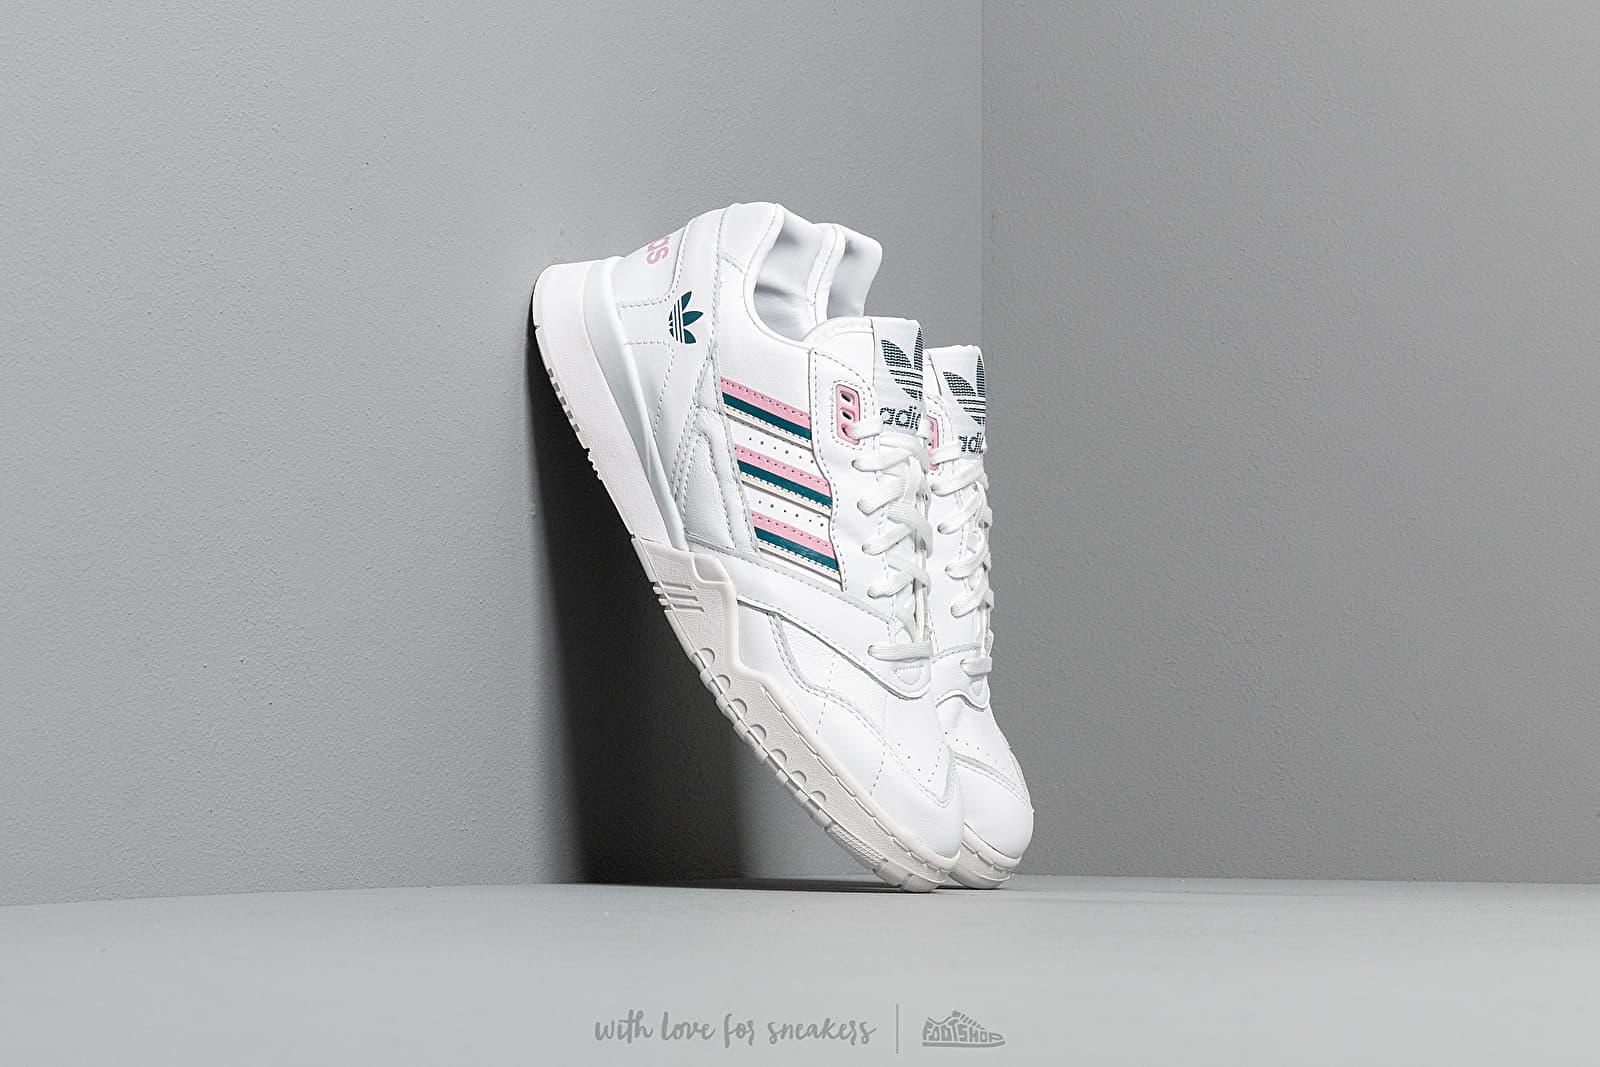 adidas A.R. Trainer W Ftw White/ True Pink/ Tech Mint nagyszerű árakon 31 362 Ft vásárolj a Footshopban